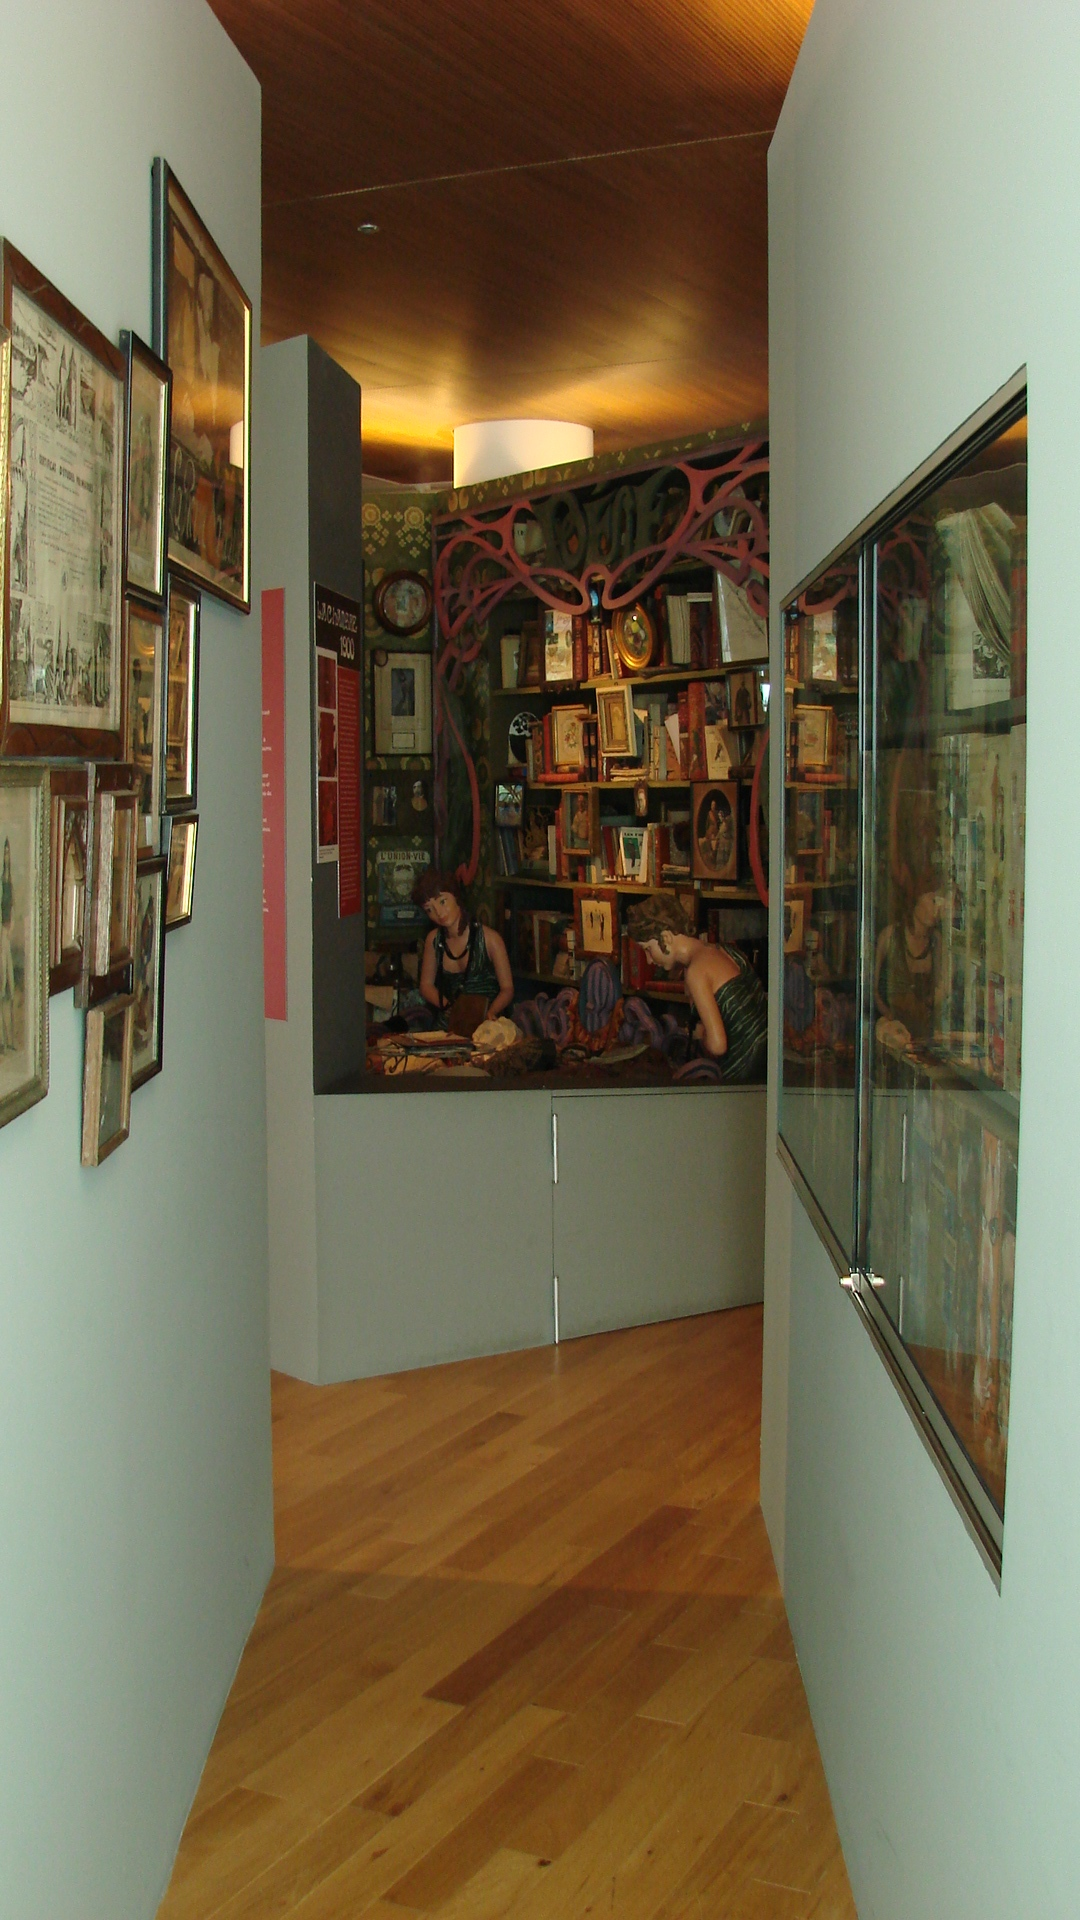 Couloir du musée